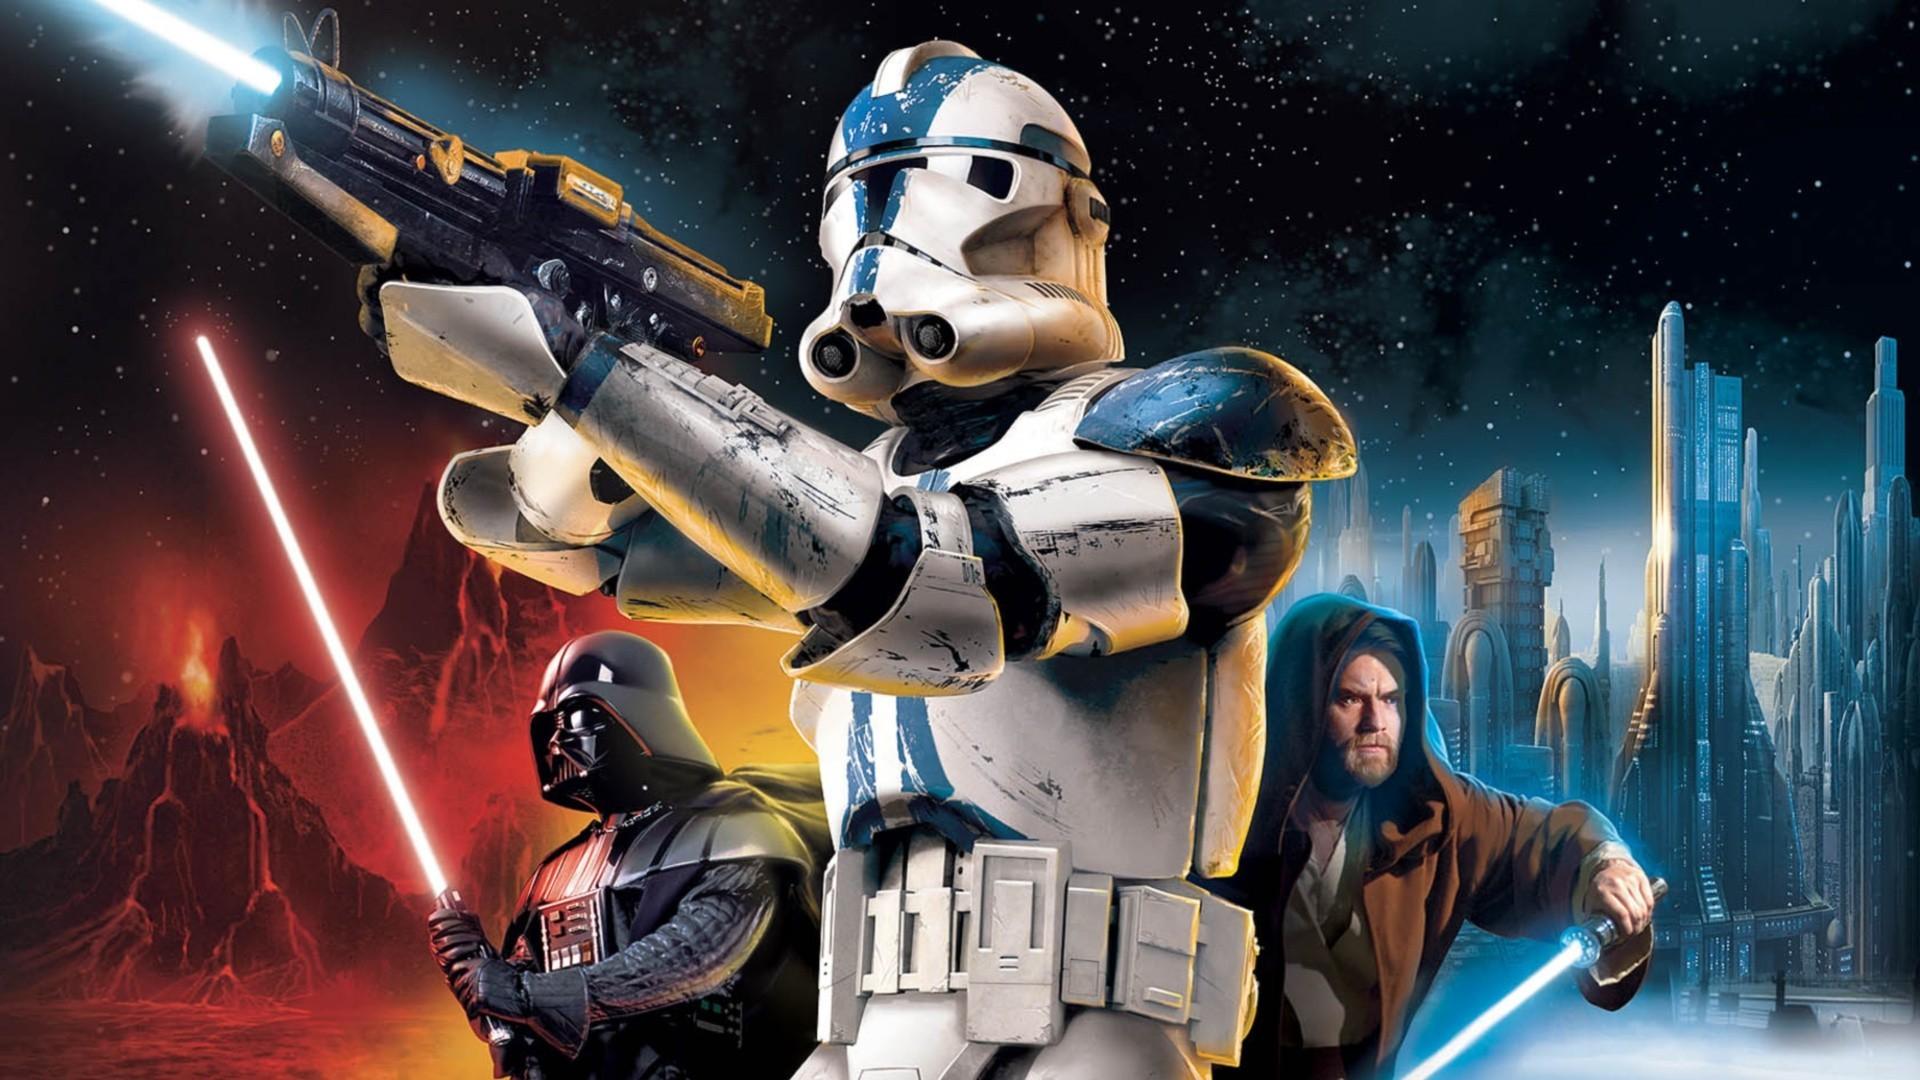 Star Wars Wallpaper Resolution 1920x1080 Id 909813 Wallha Com